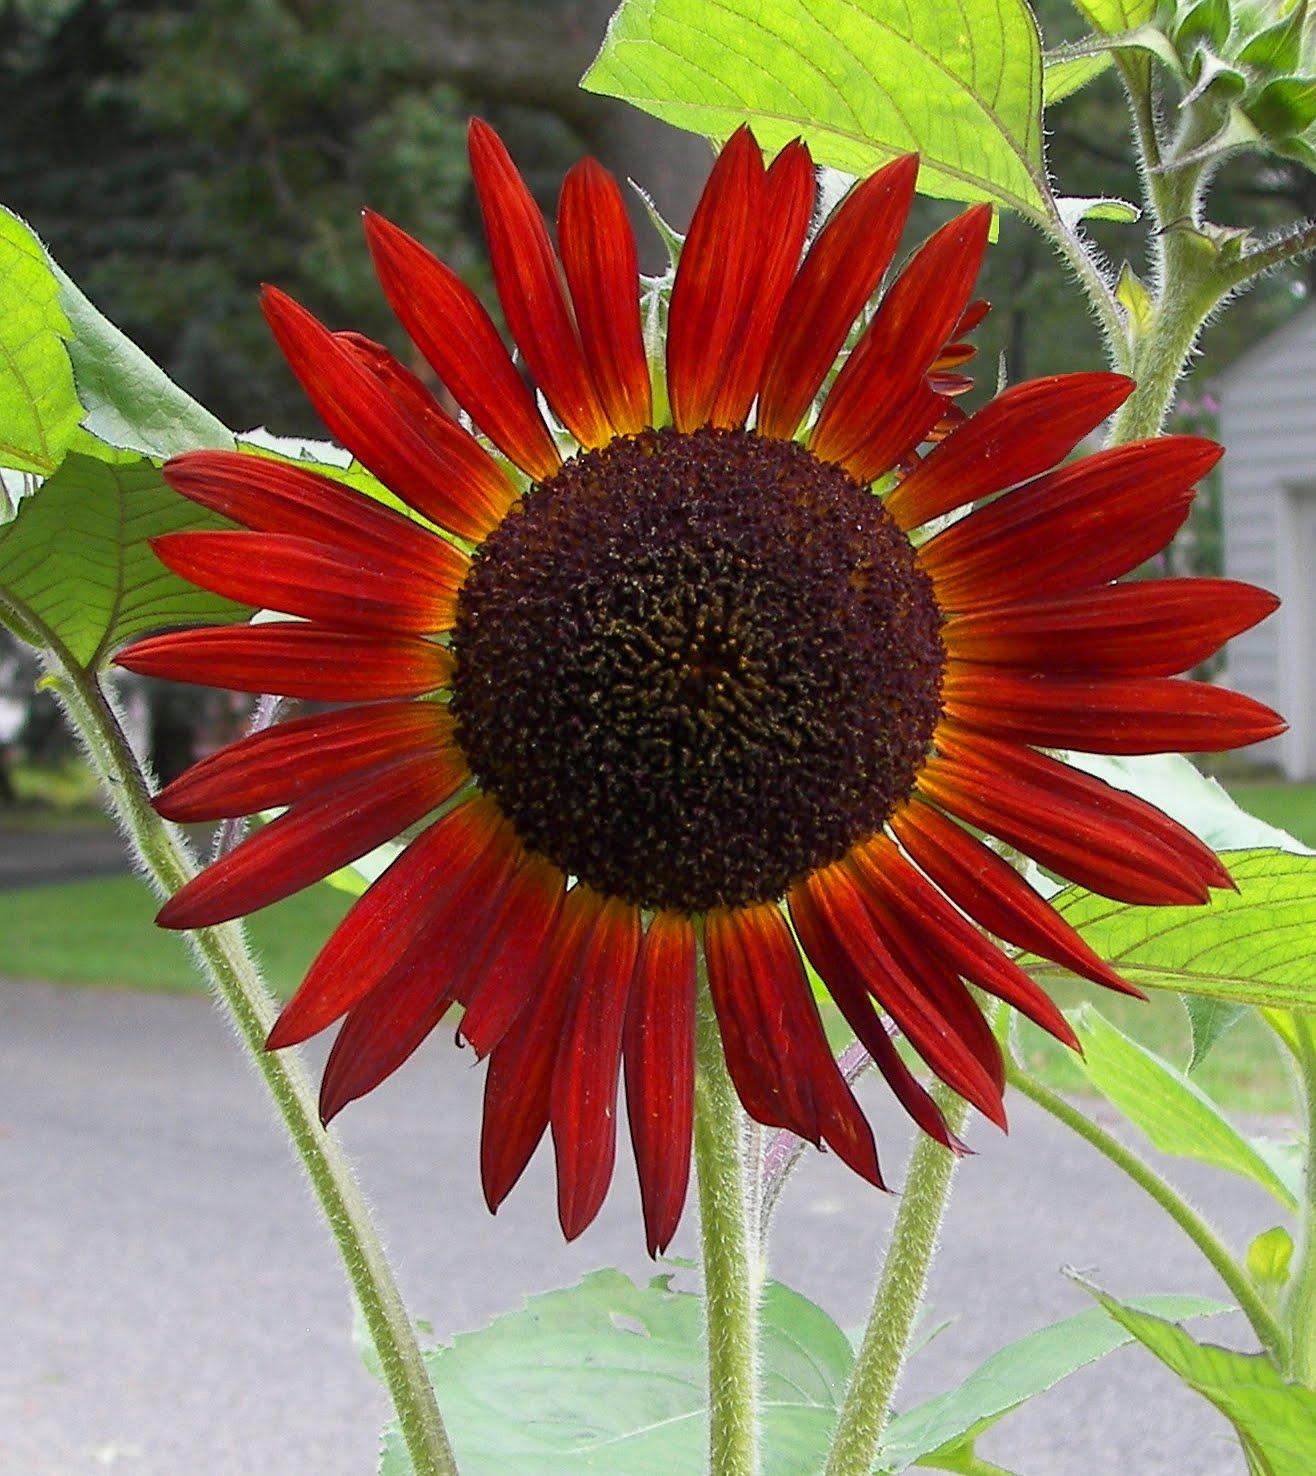 historymike: Dark Red Sunflower